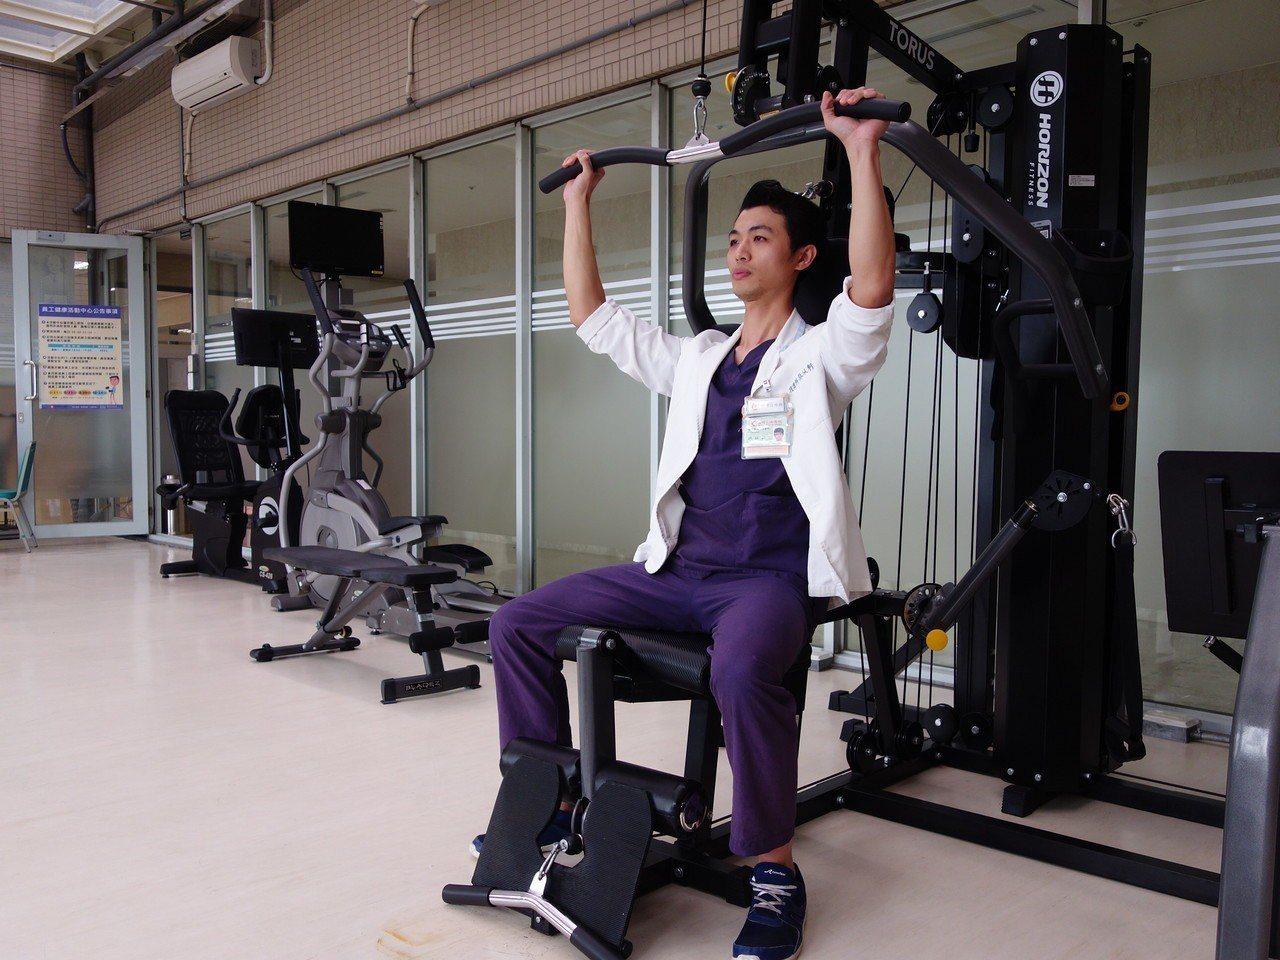 新竹馬偕物理治療師、竹市物理治療師工會理事長林以軒指出,透過規律的運動來喚醒應使...